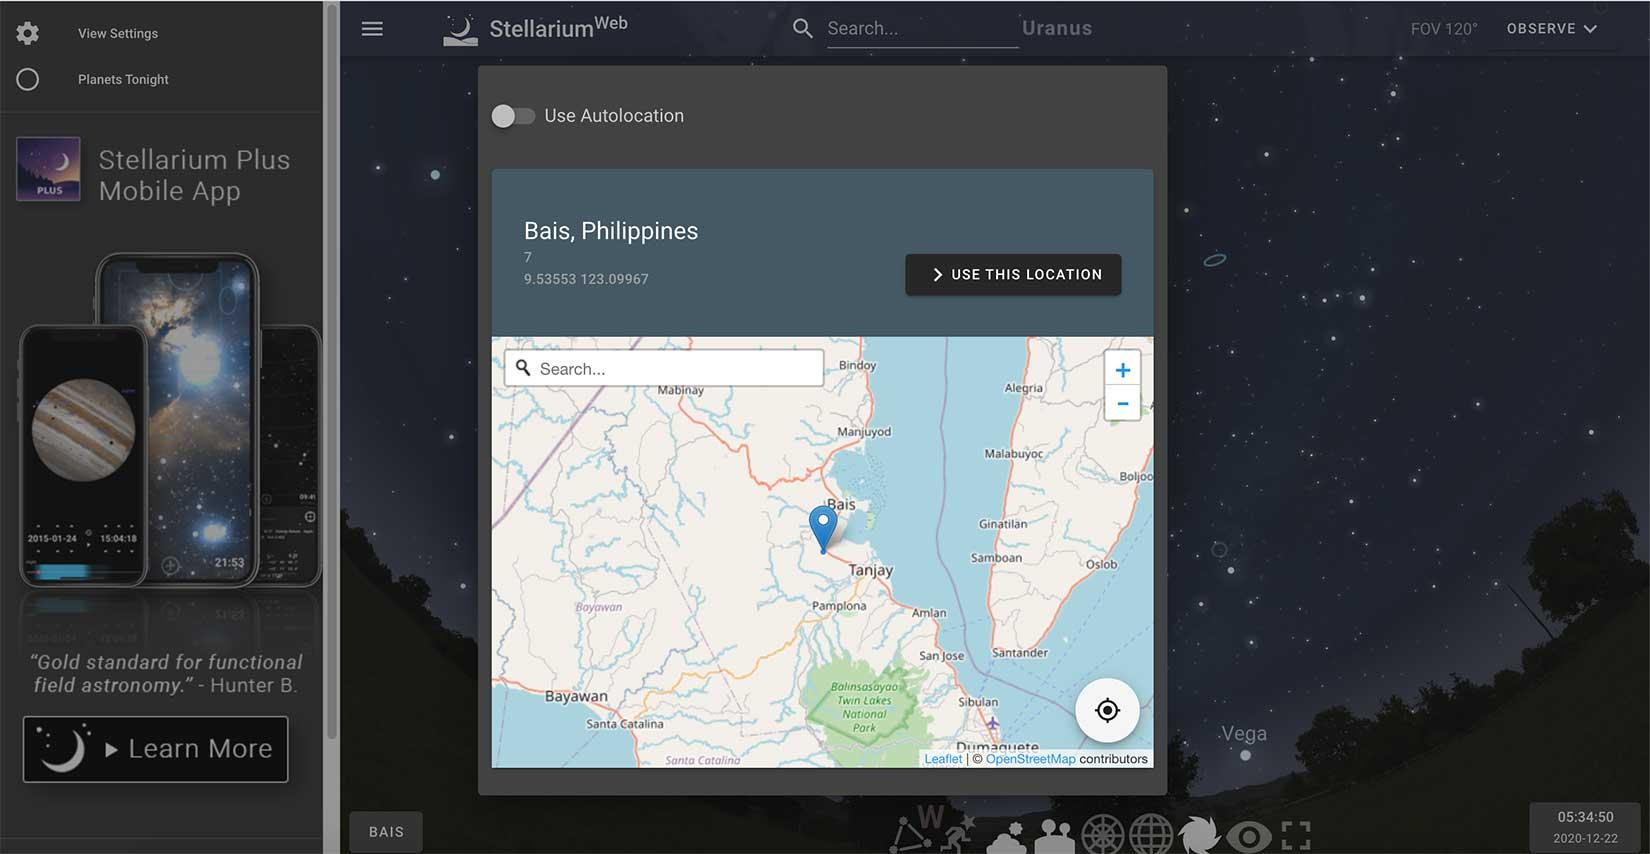 stellarium-web-app